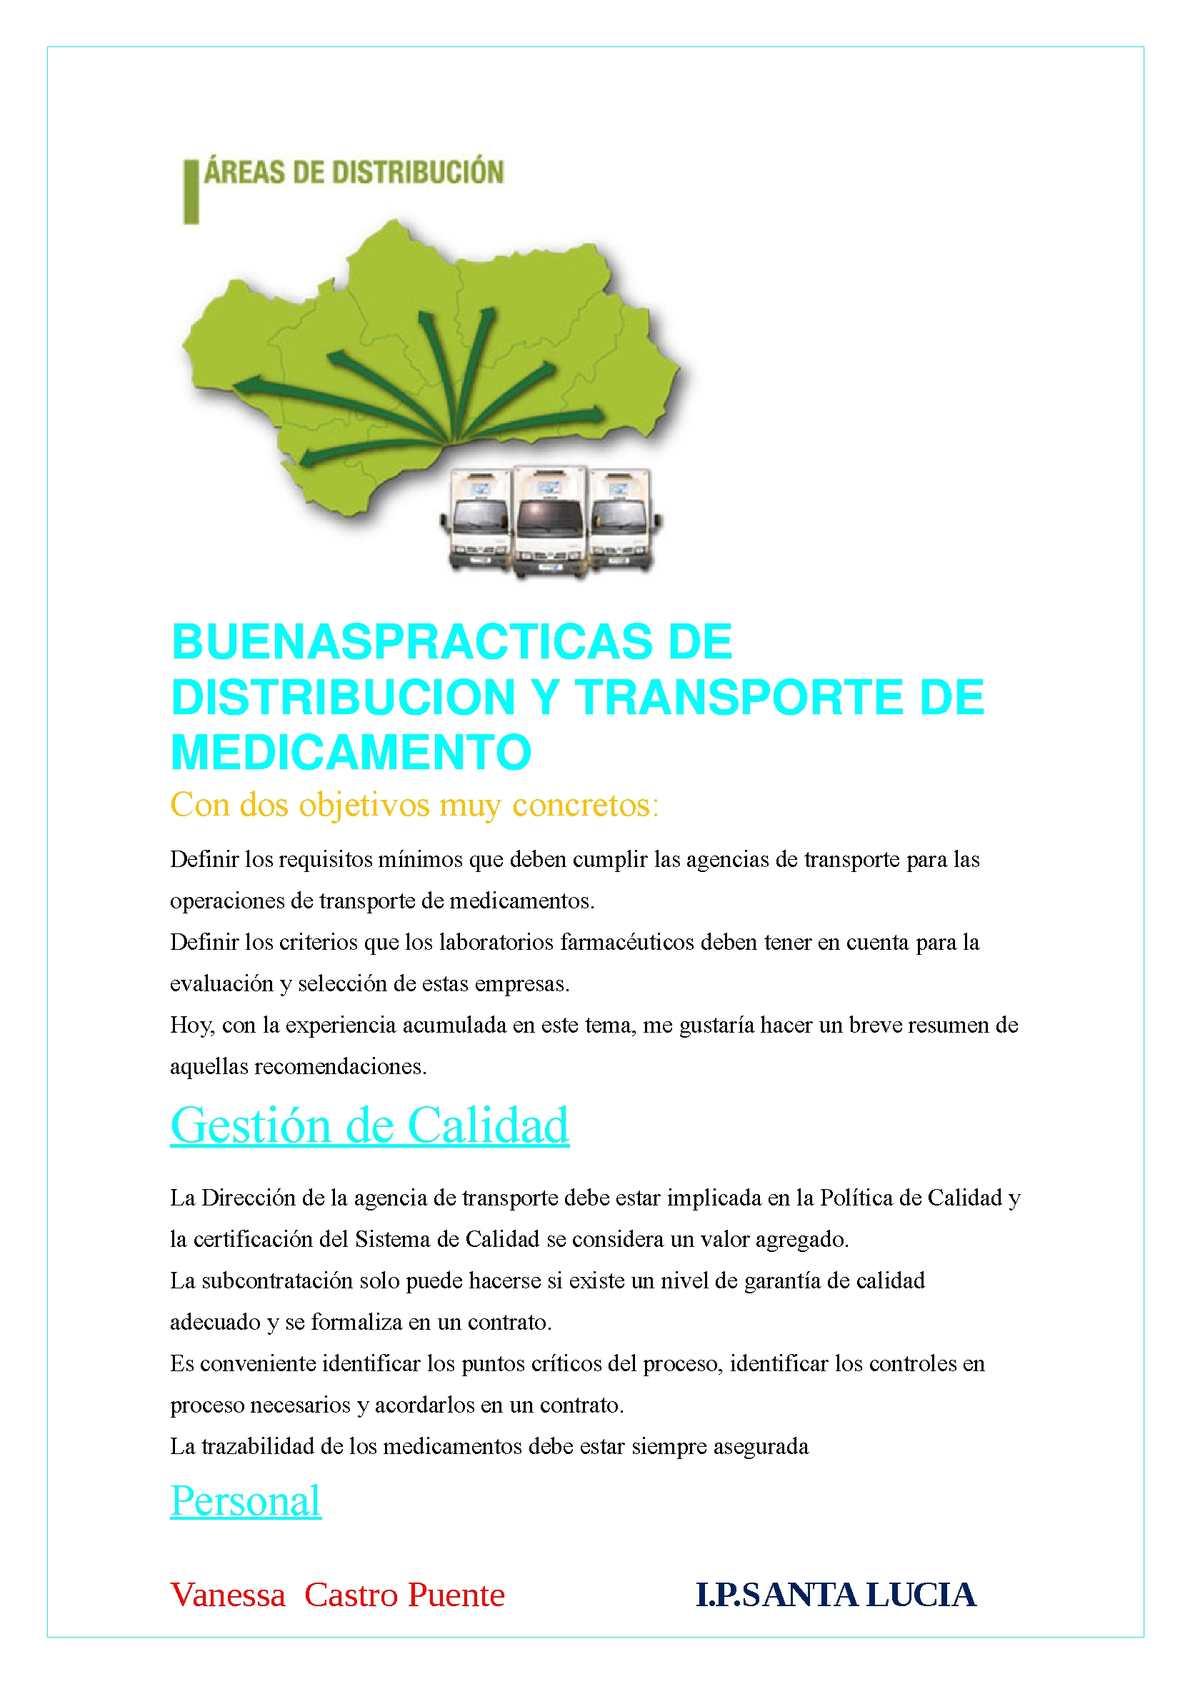 Objetivos de calidad de una empresa de transporte